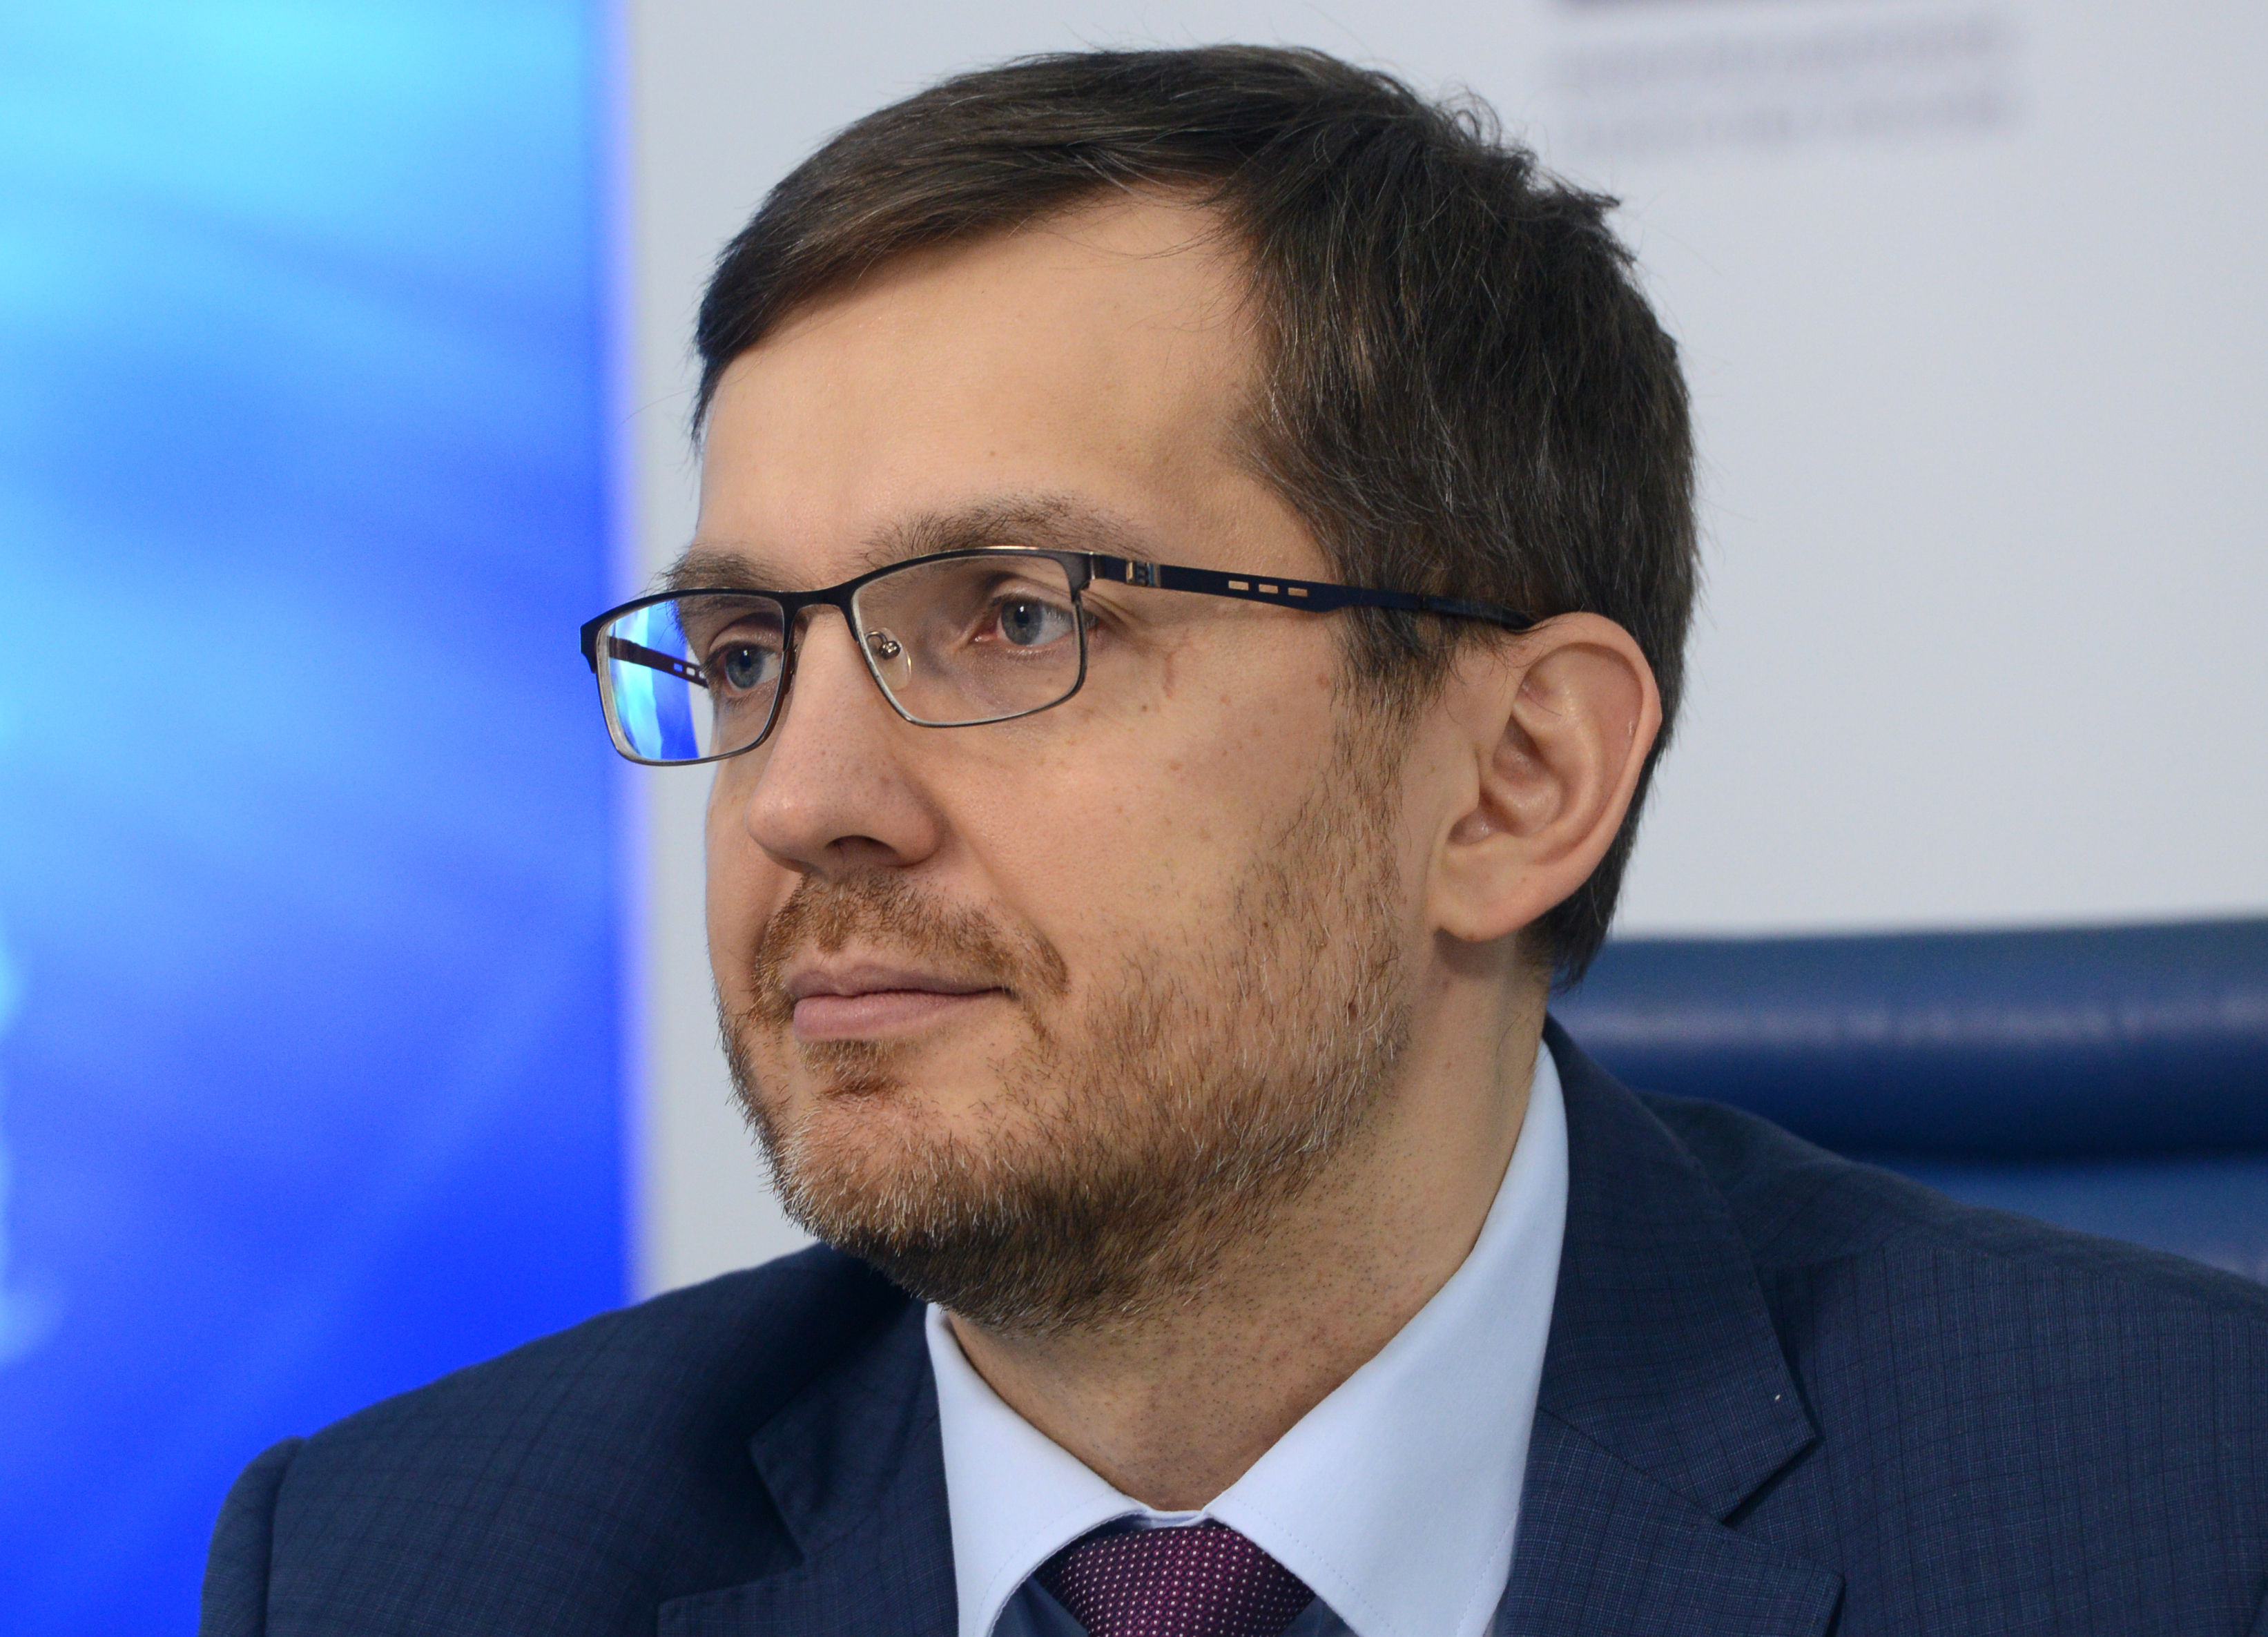 Руководитель Координационного центра по противодействию алкоголизму и утверждению трезвости Синодального отдела по благотворительности Валерий Доронкин